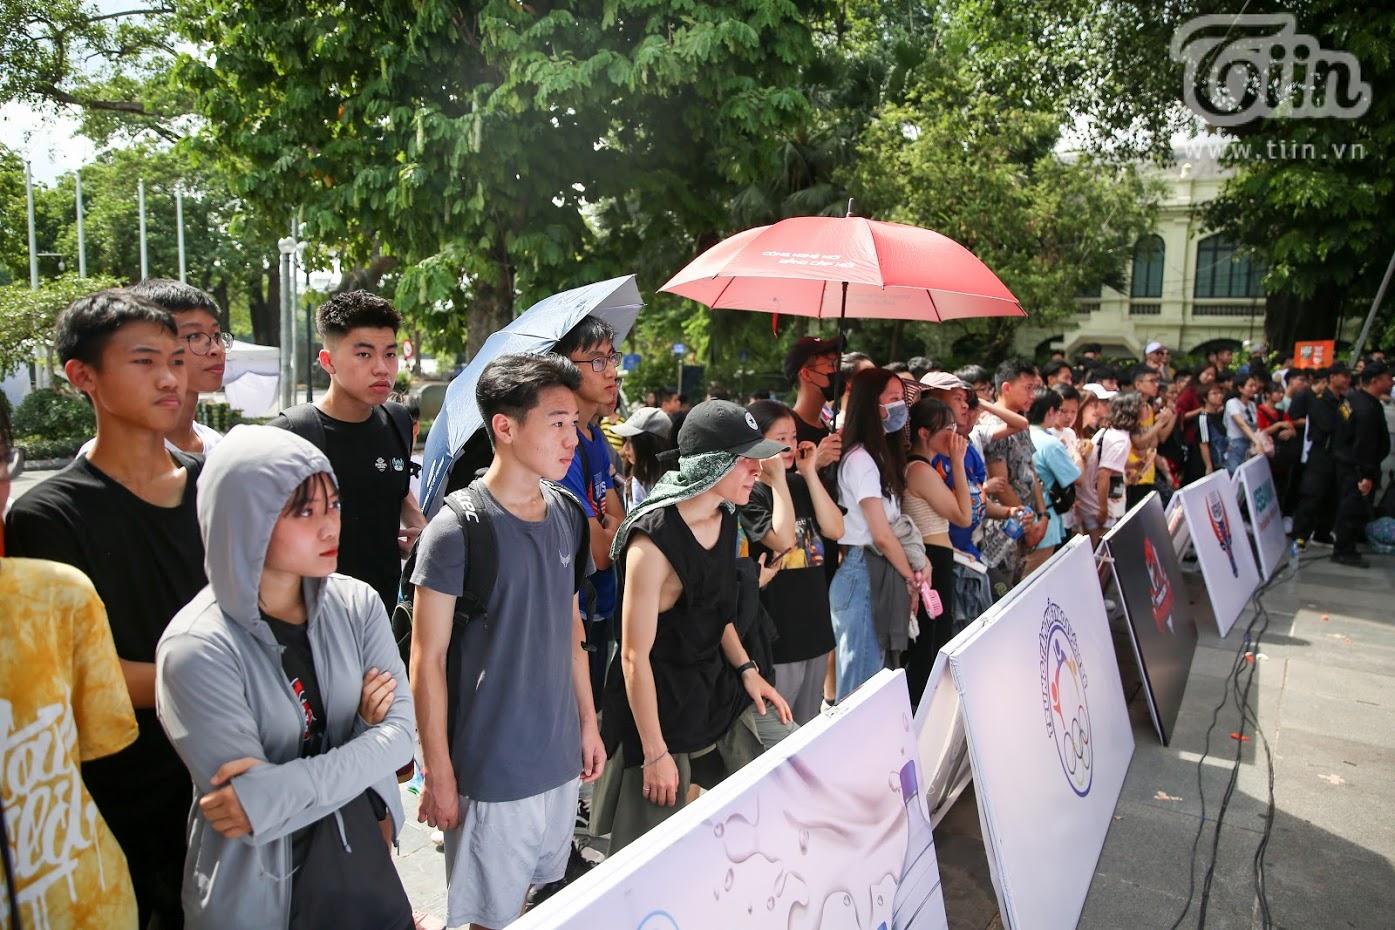 Giải bóng rổ chưa có tiền lệ giữa phố đi bộ Hồ Gươm: Giới trẻbất chấp nắng nóng gay gắt đến xem chật cứng 11